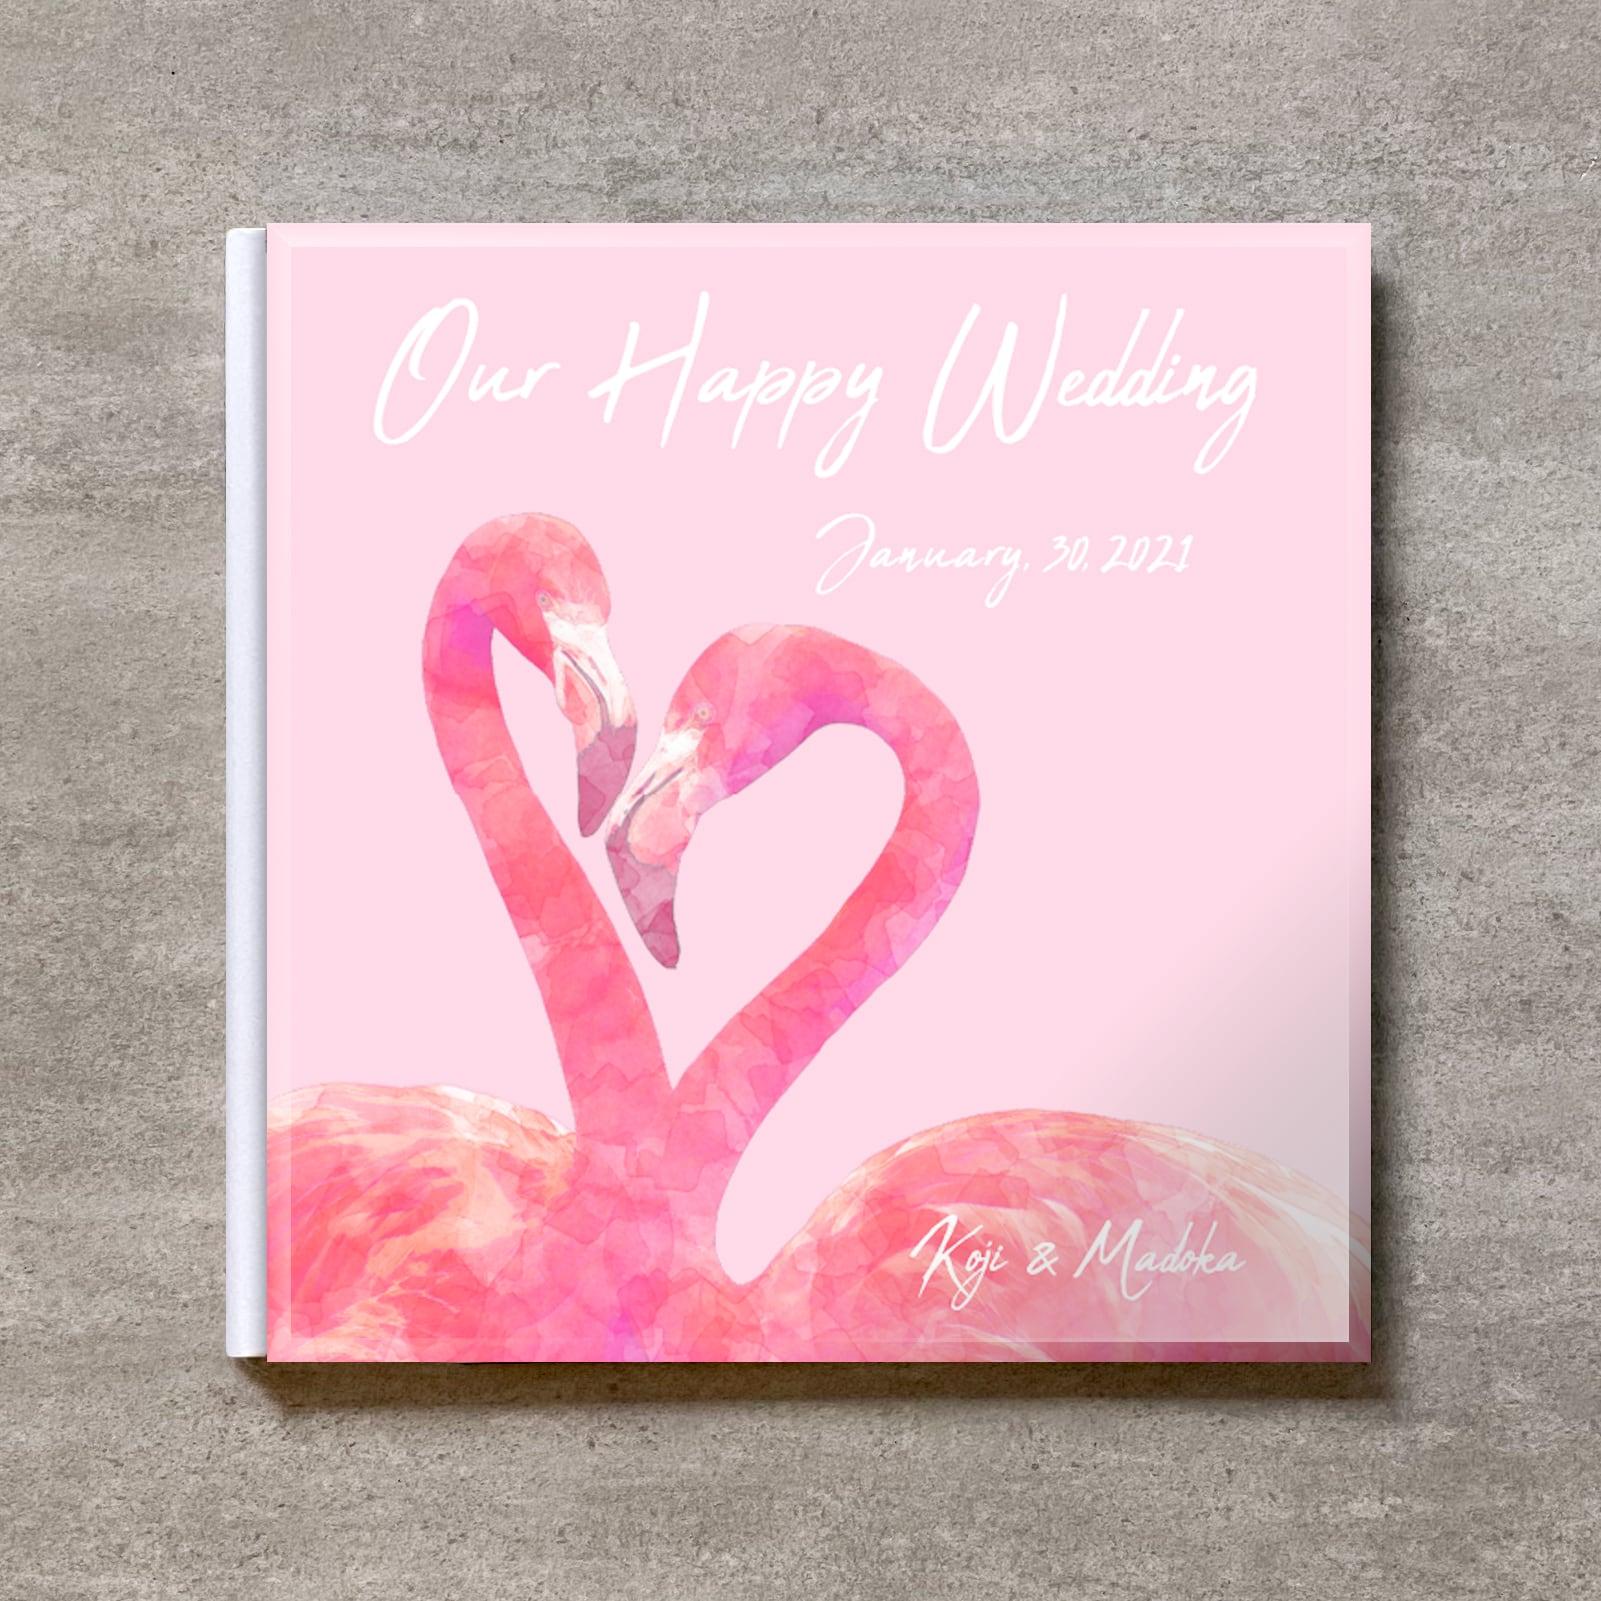 Pink Flamingo_A4スクエア_6ページ/10カット_クラシックアルバム(アクリルカバー)